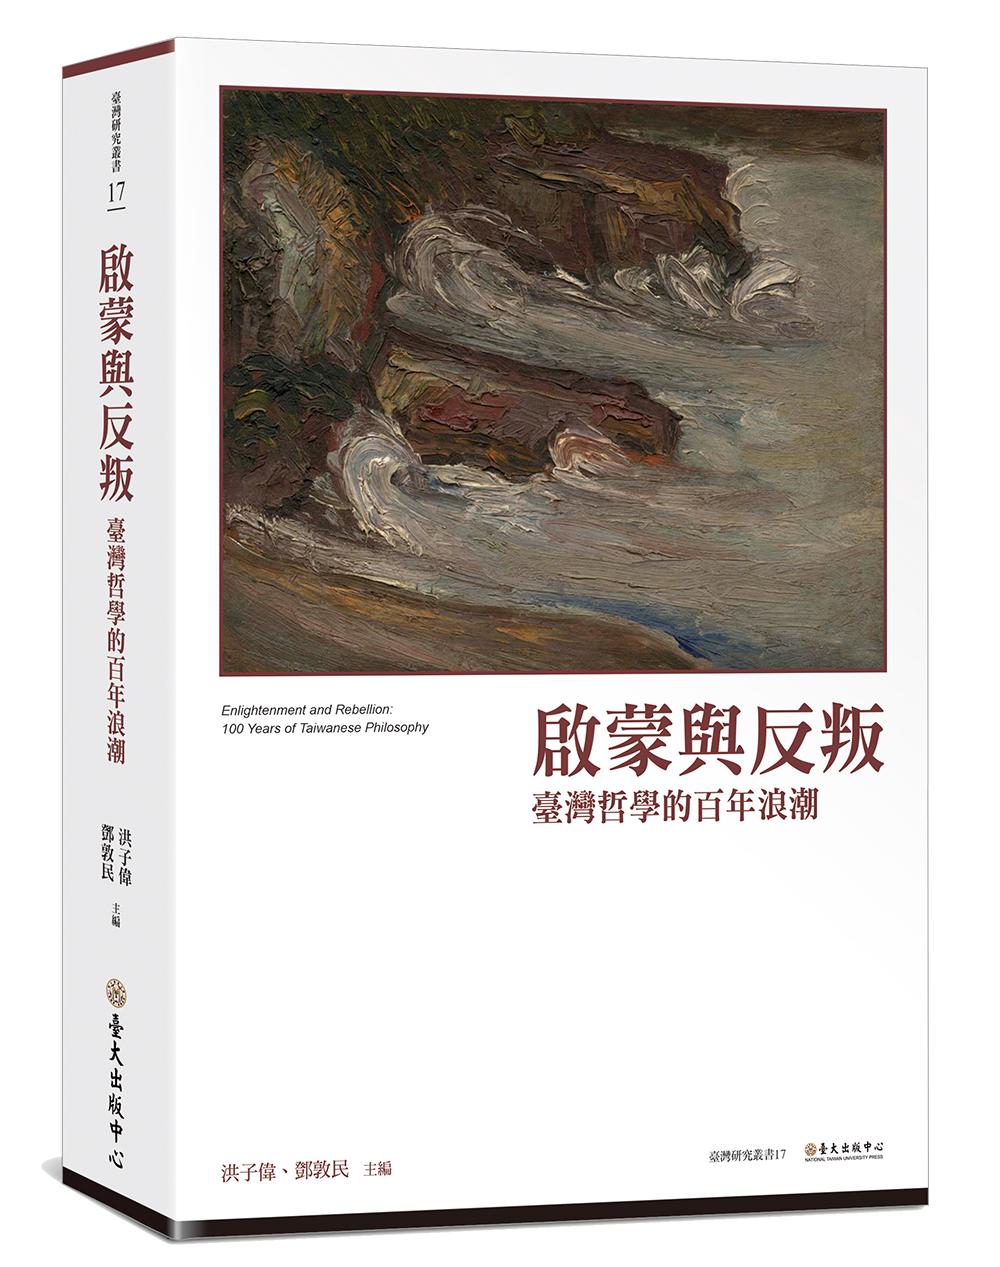 啟蒙與反叛:臺灣哲學的百年浪潮(另開視窗)